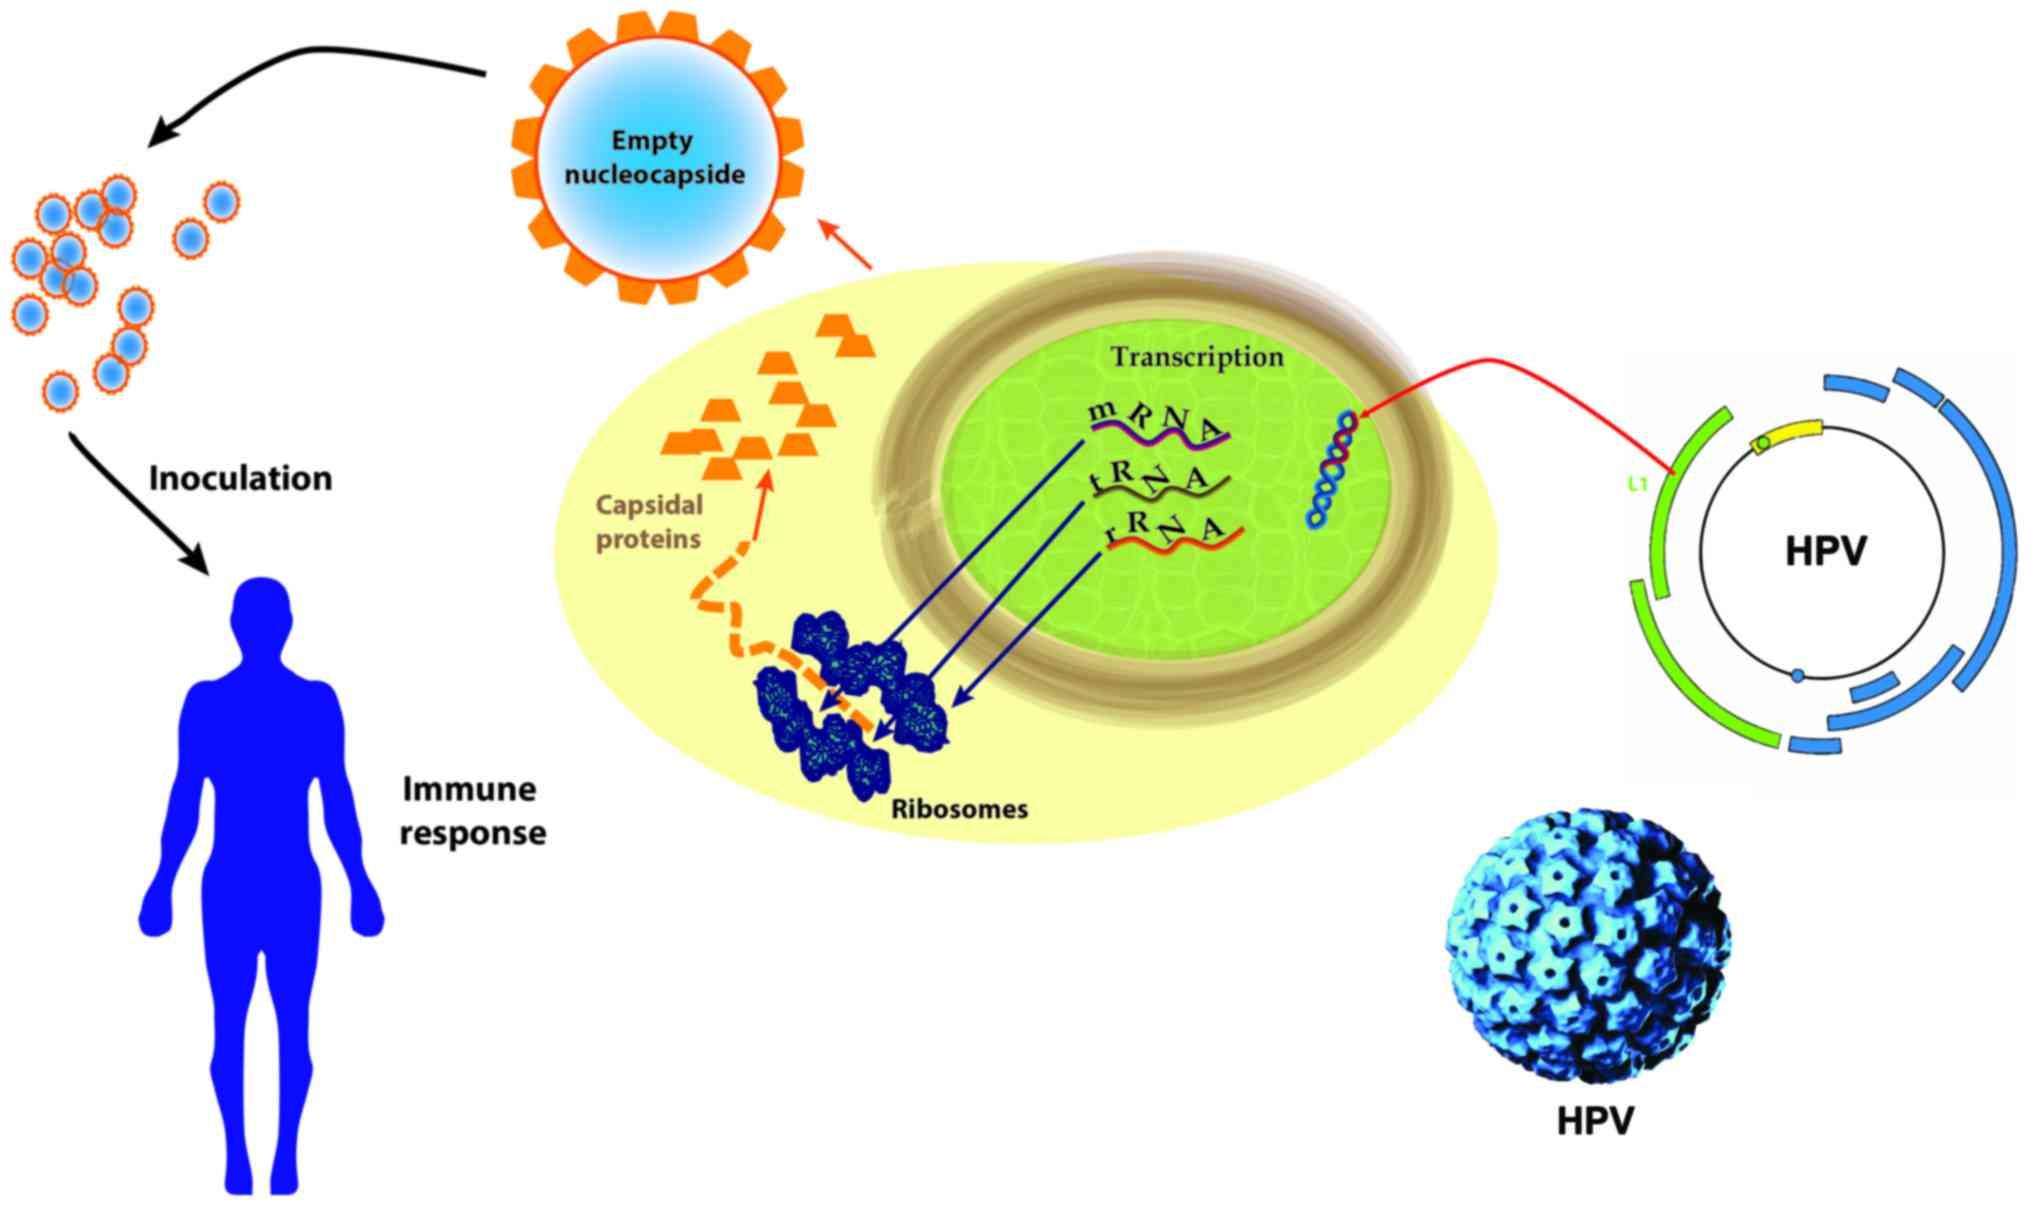 papilloma virus hpv 52